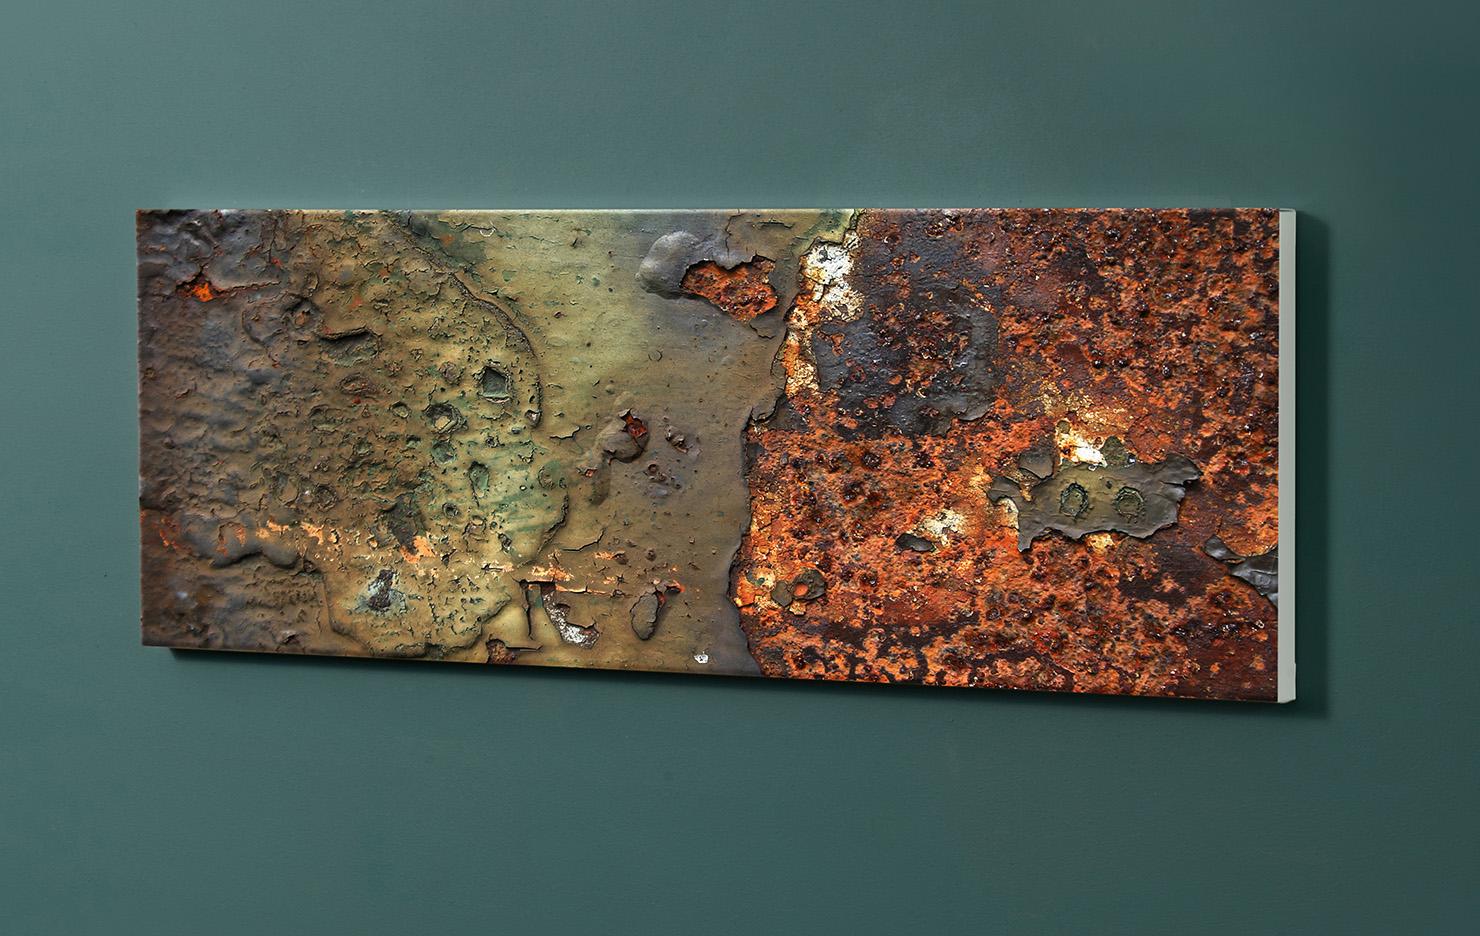 Magnettafel NOTIZ 90x30cm Motiv-Pinnwand M01 Rost